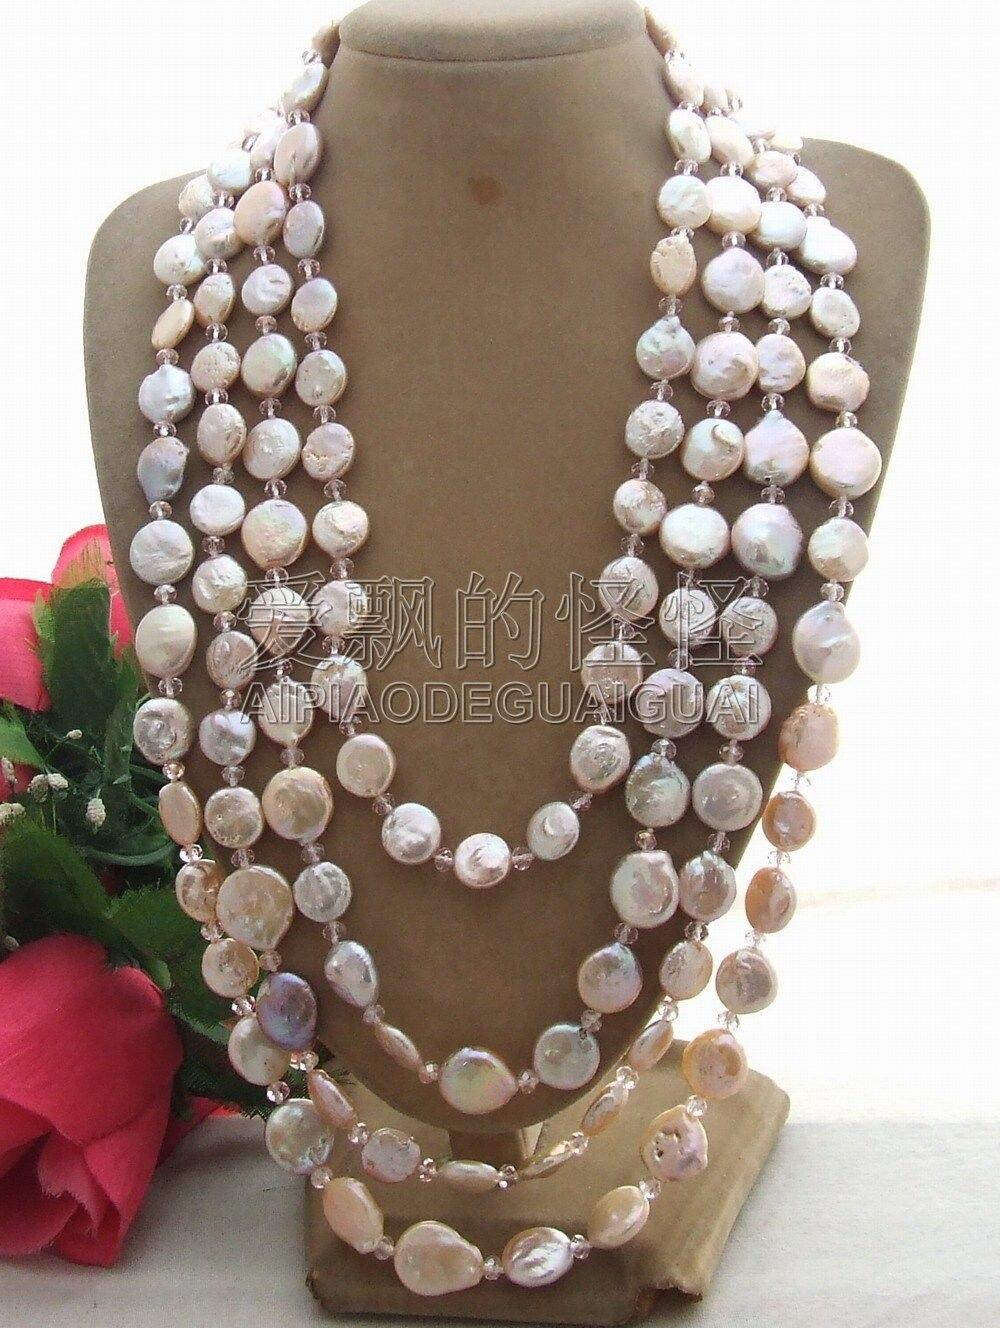 N041501 collier de perles 90